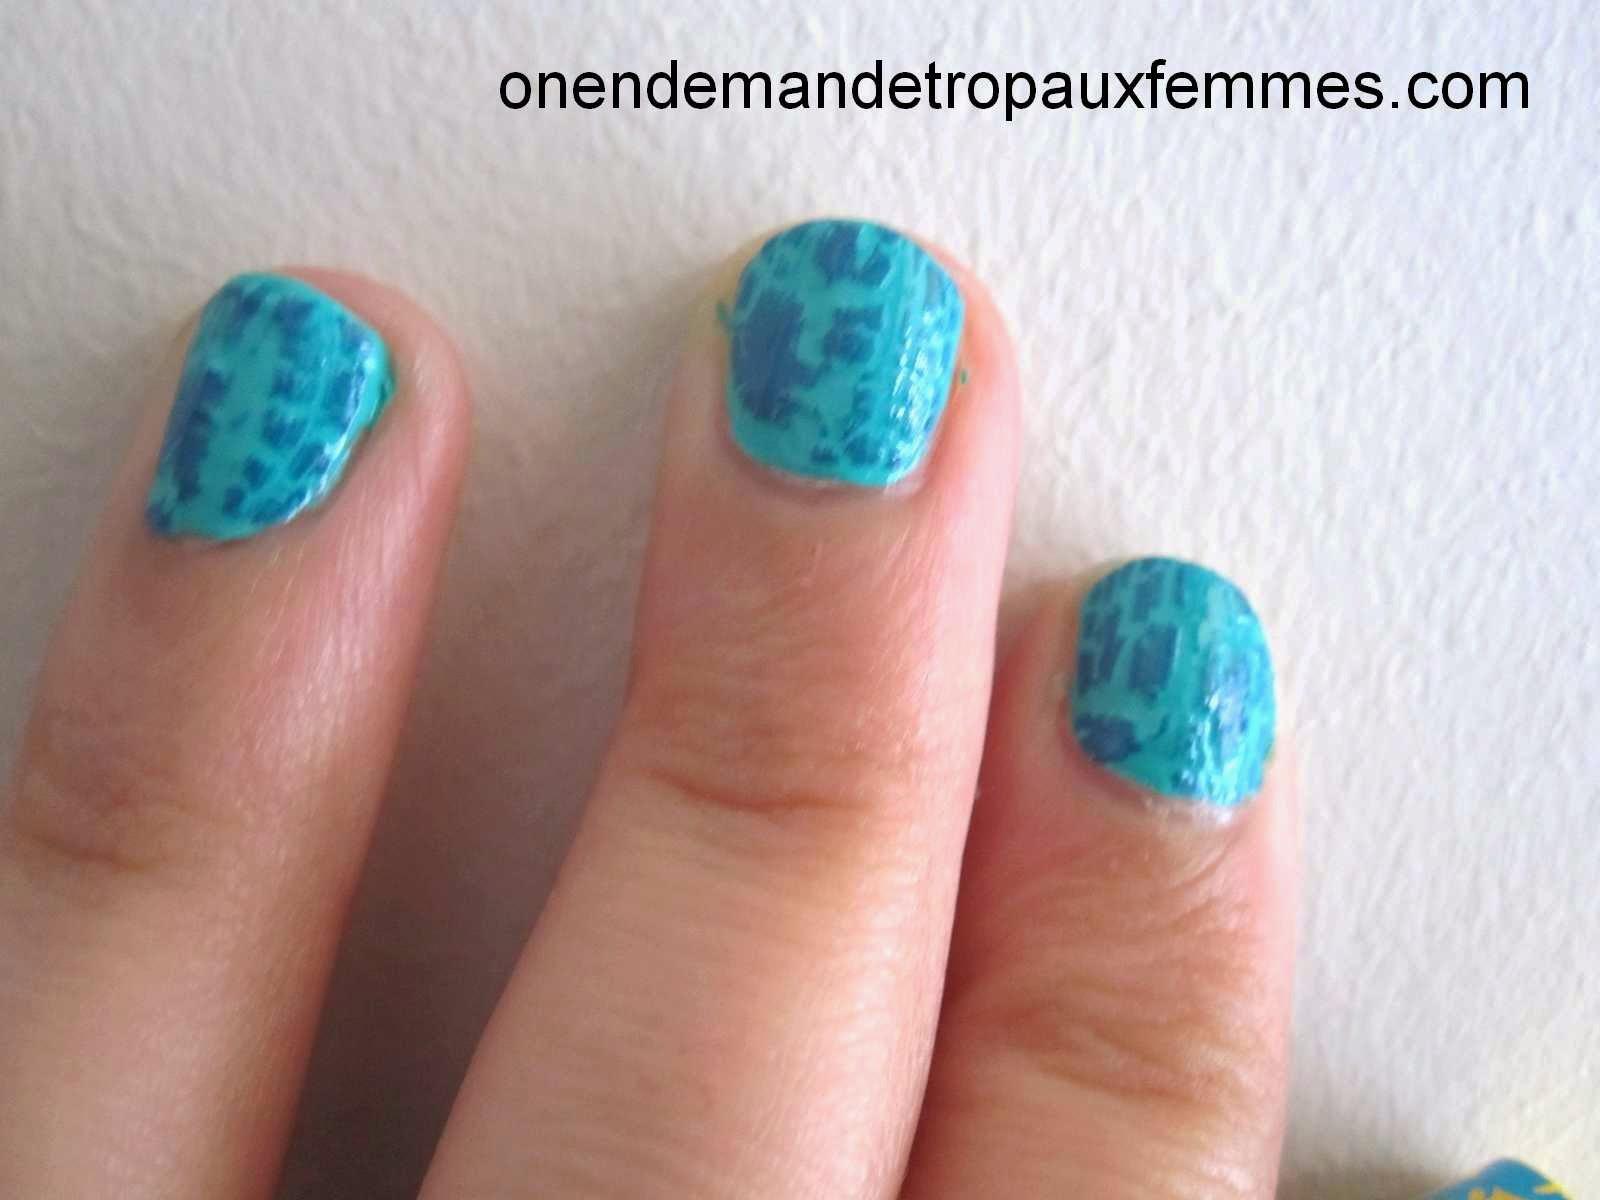 Vernis craquelé de Yves Rocher + Turquoise Block de Bourjois